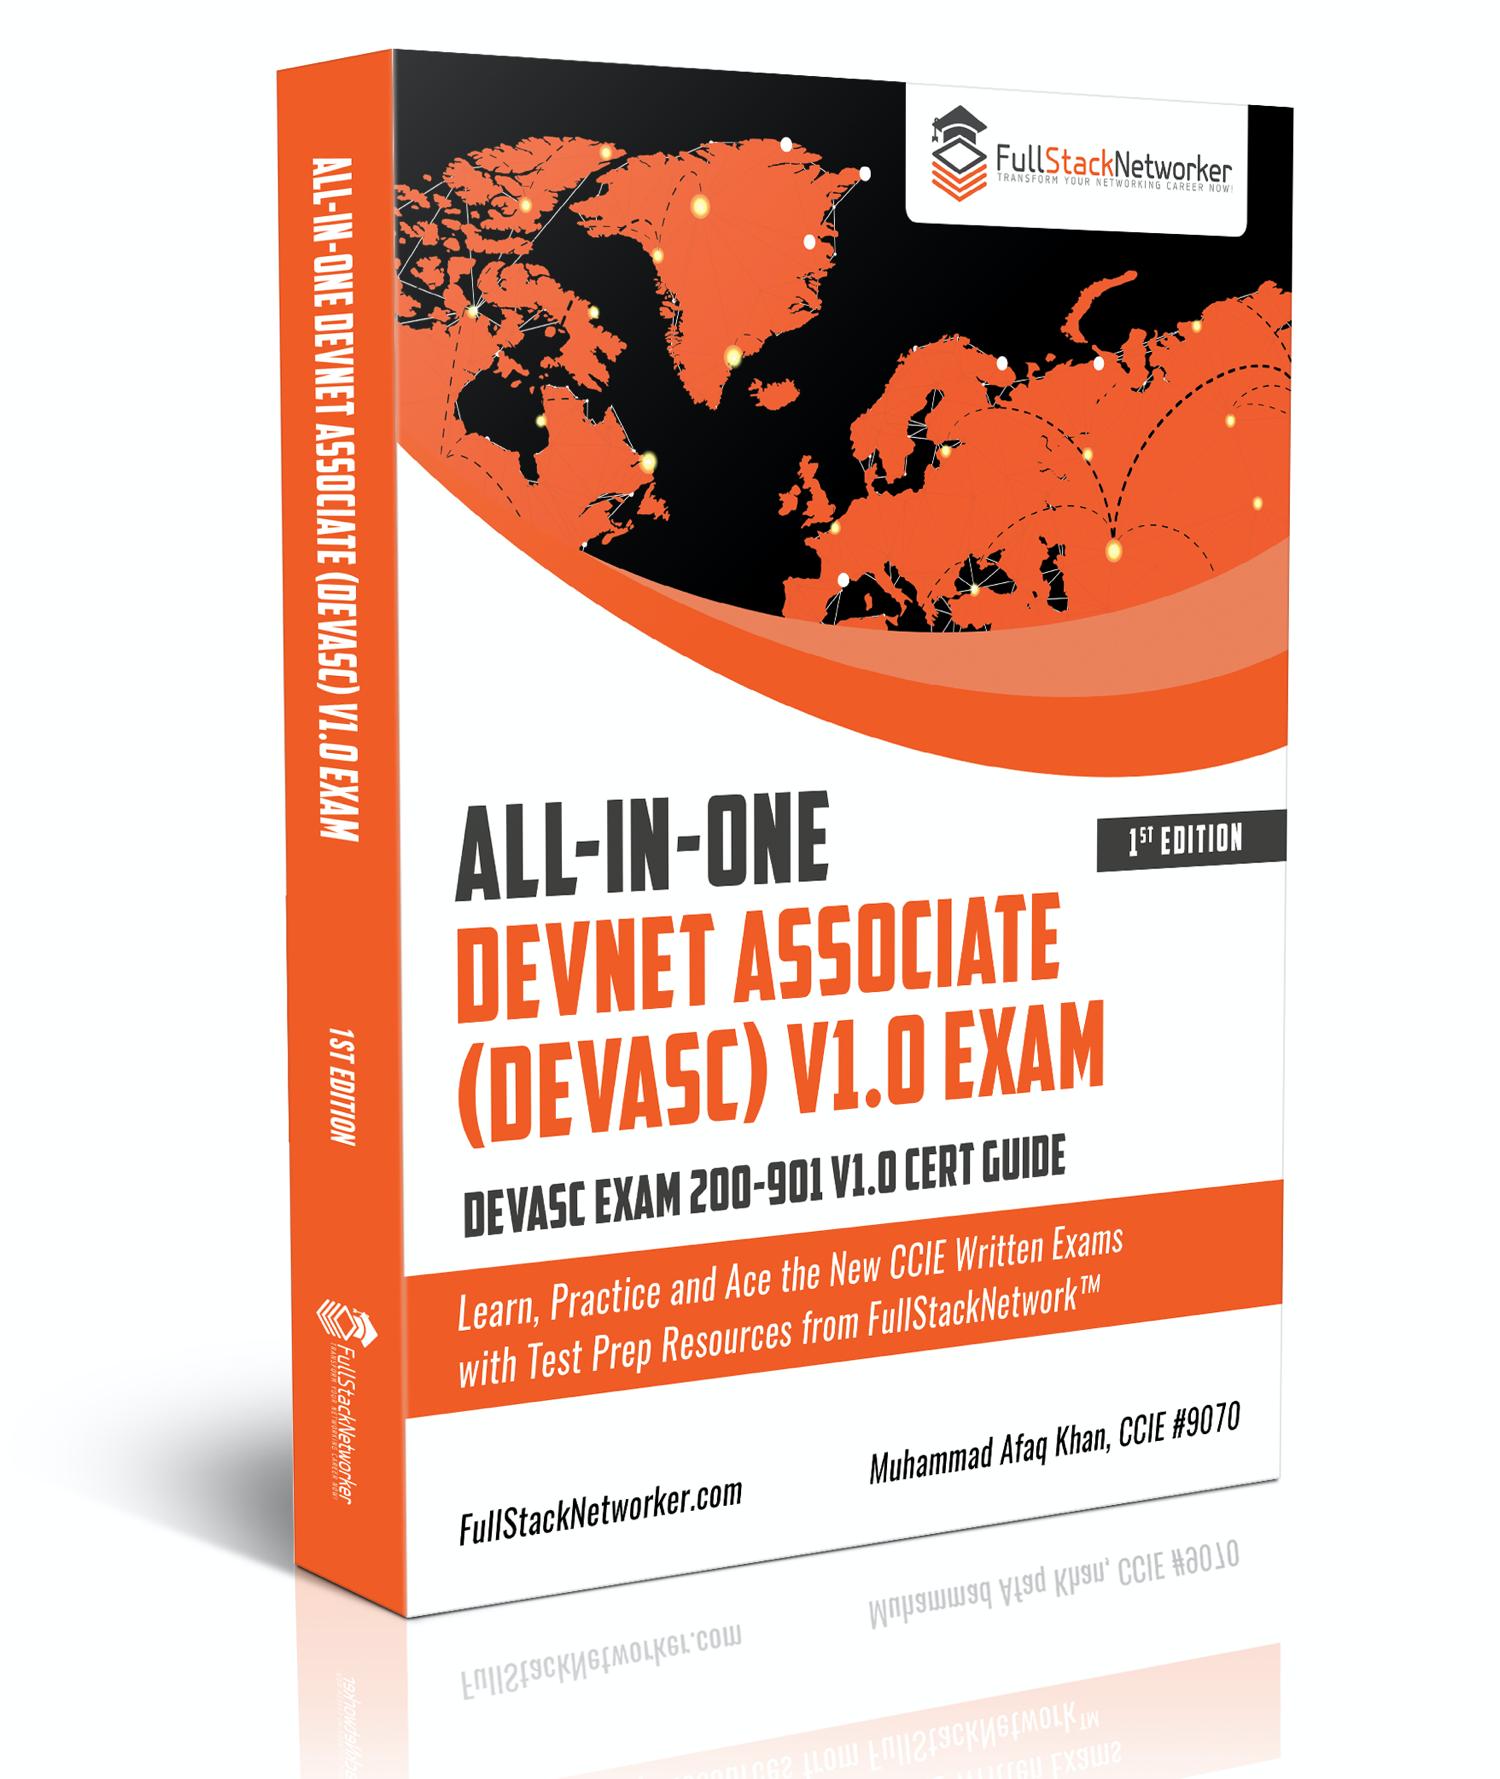 Cisco DevNet Associate DEVASC 200-901 Exam Cert Study Guide Paperback